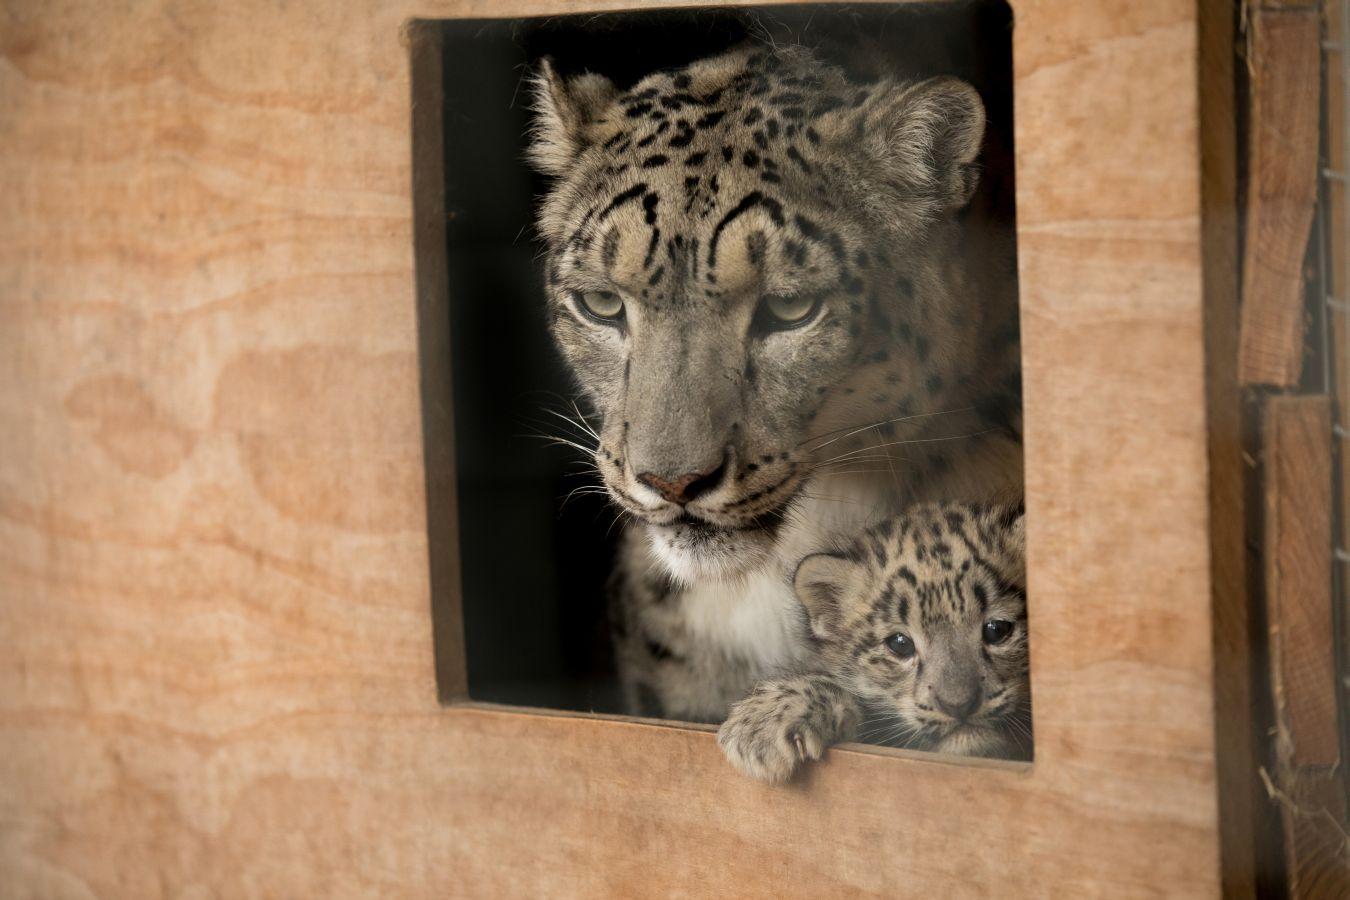 Cachorro de leopardo recién nacido